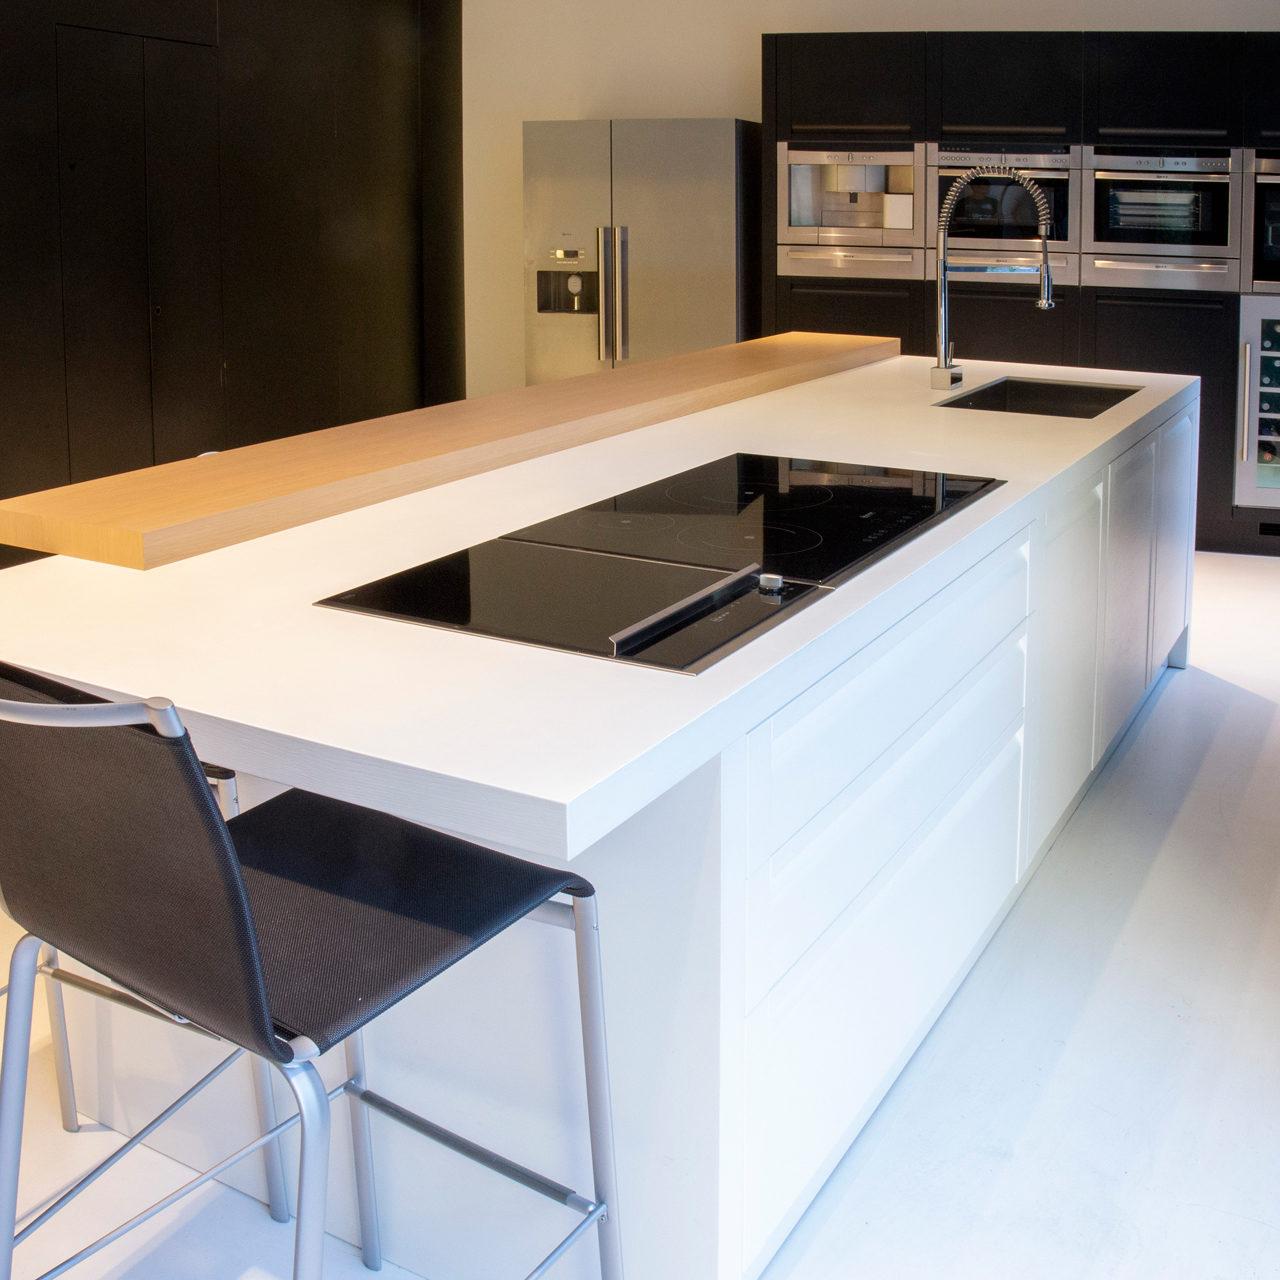 mueble-cocina-mitica-6